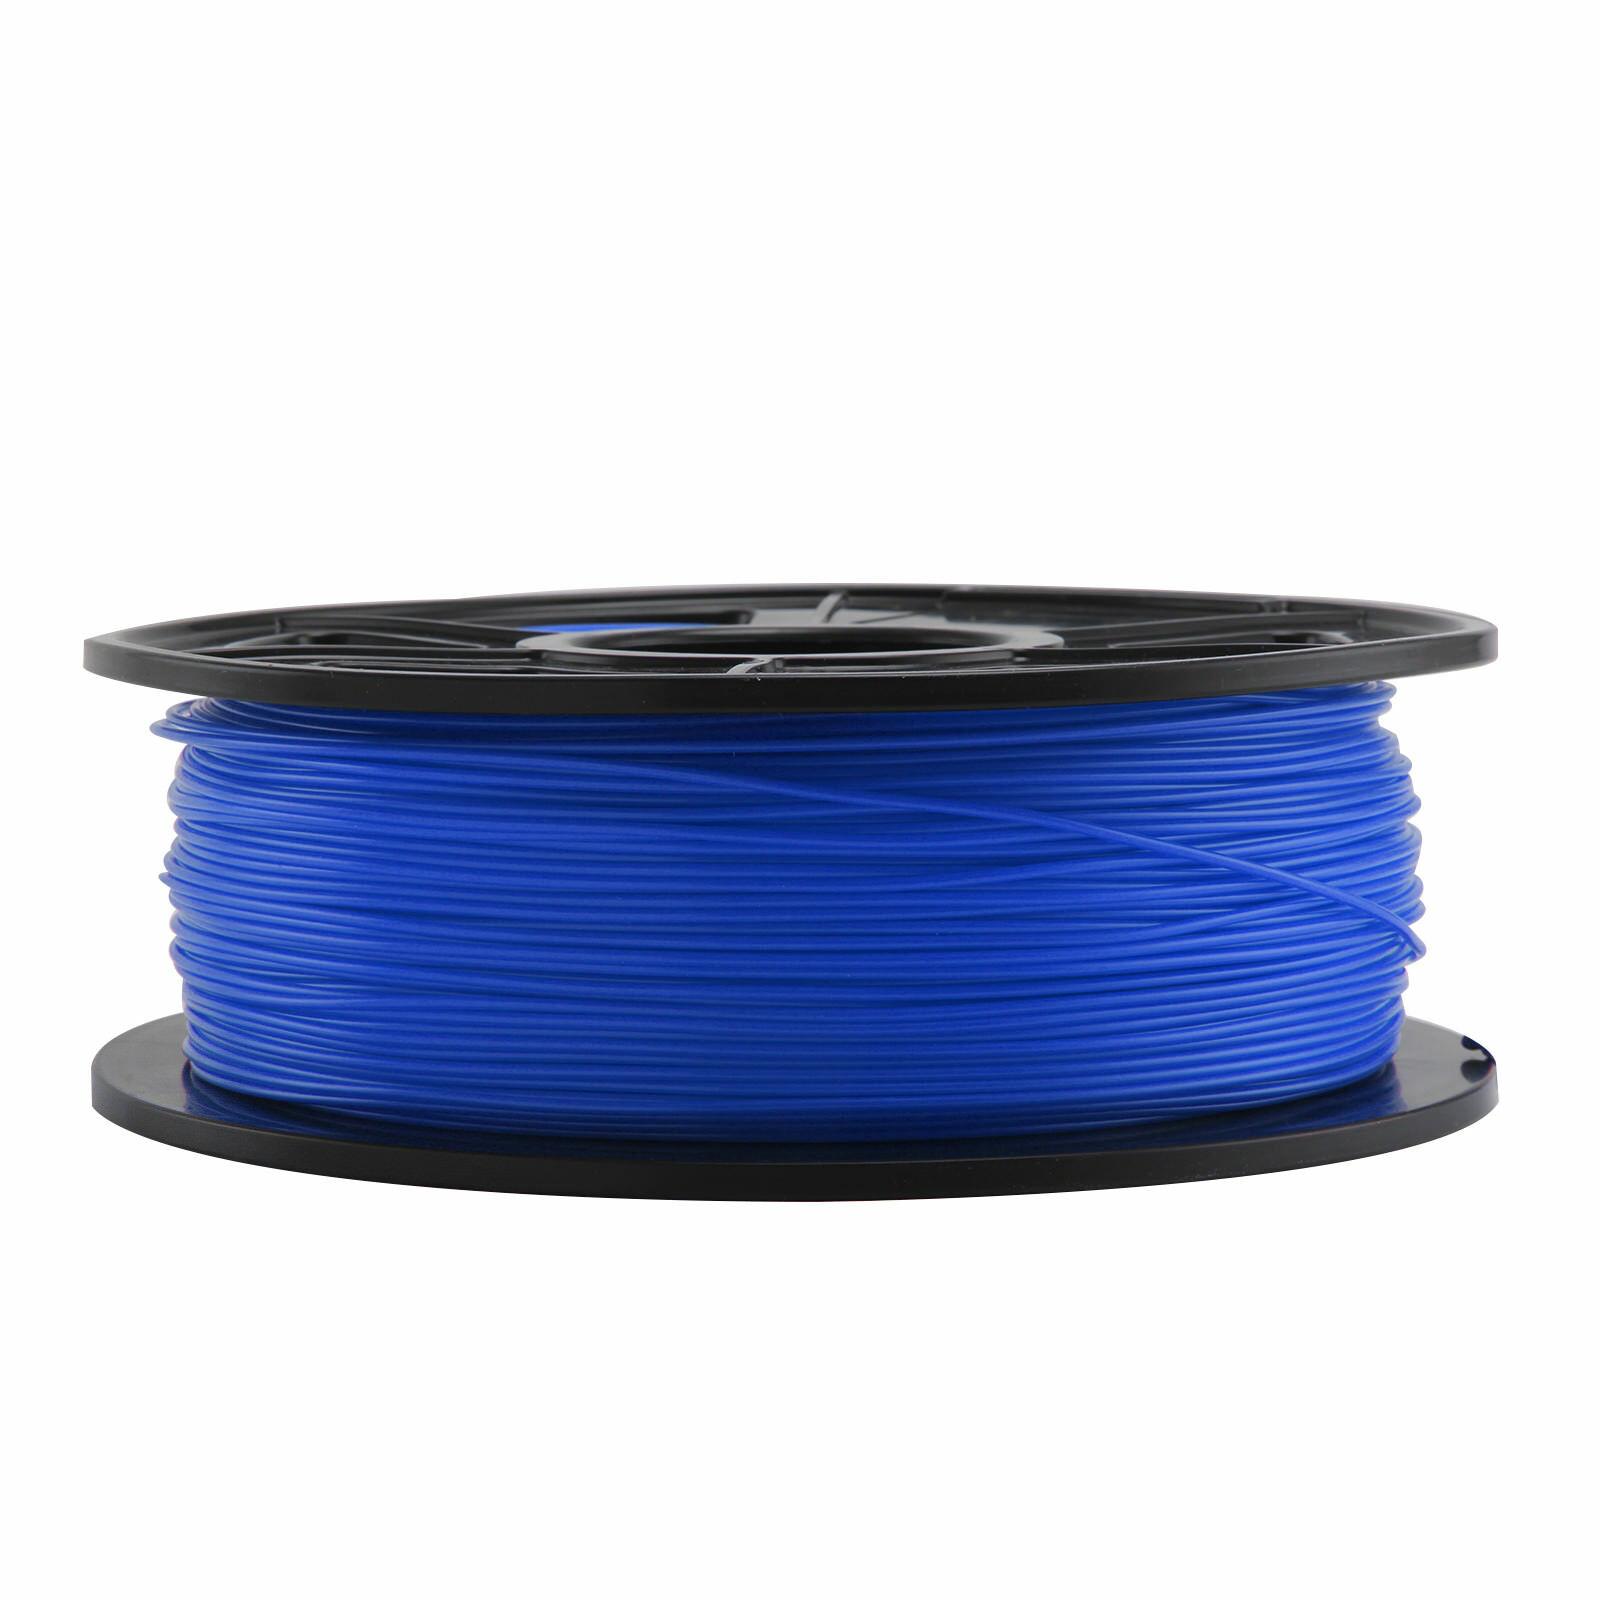 Lot de 4 bobines de filament PLA pour impression 3D - 4 x 1 kg, 1.75 mm, Coloris au choix